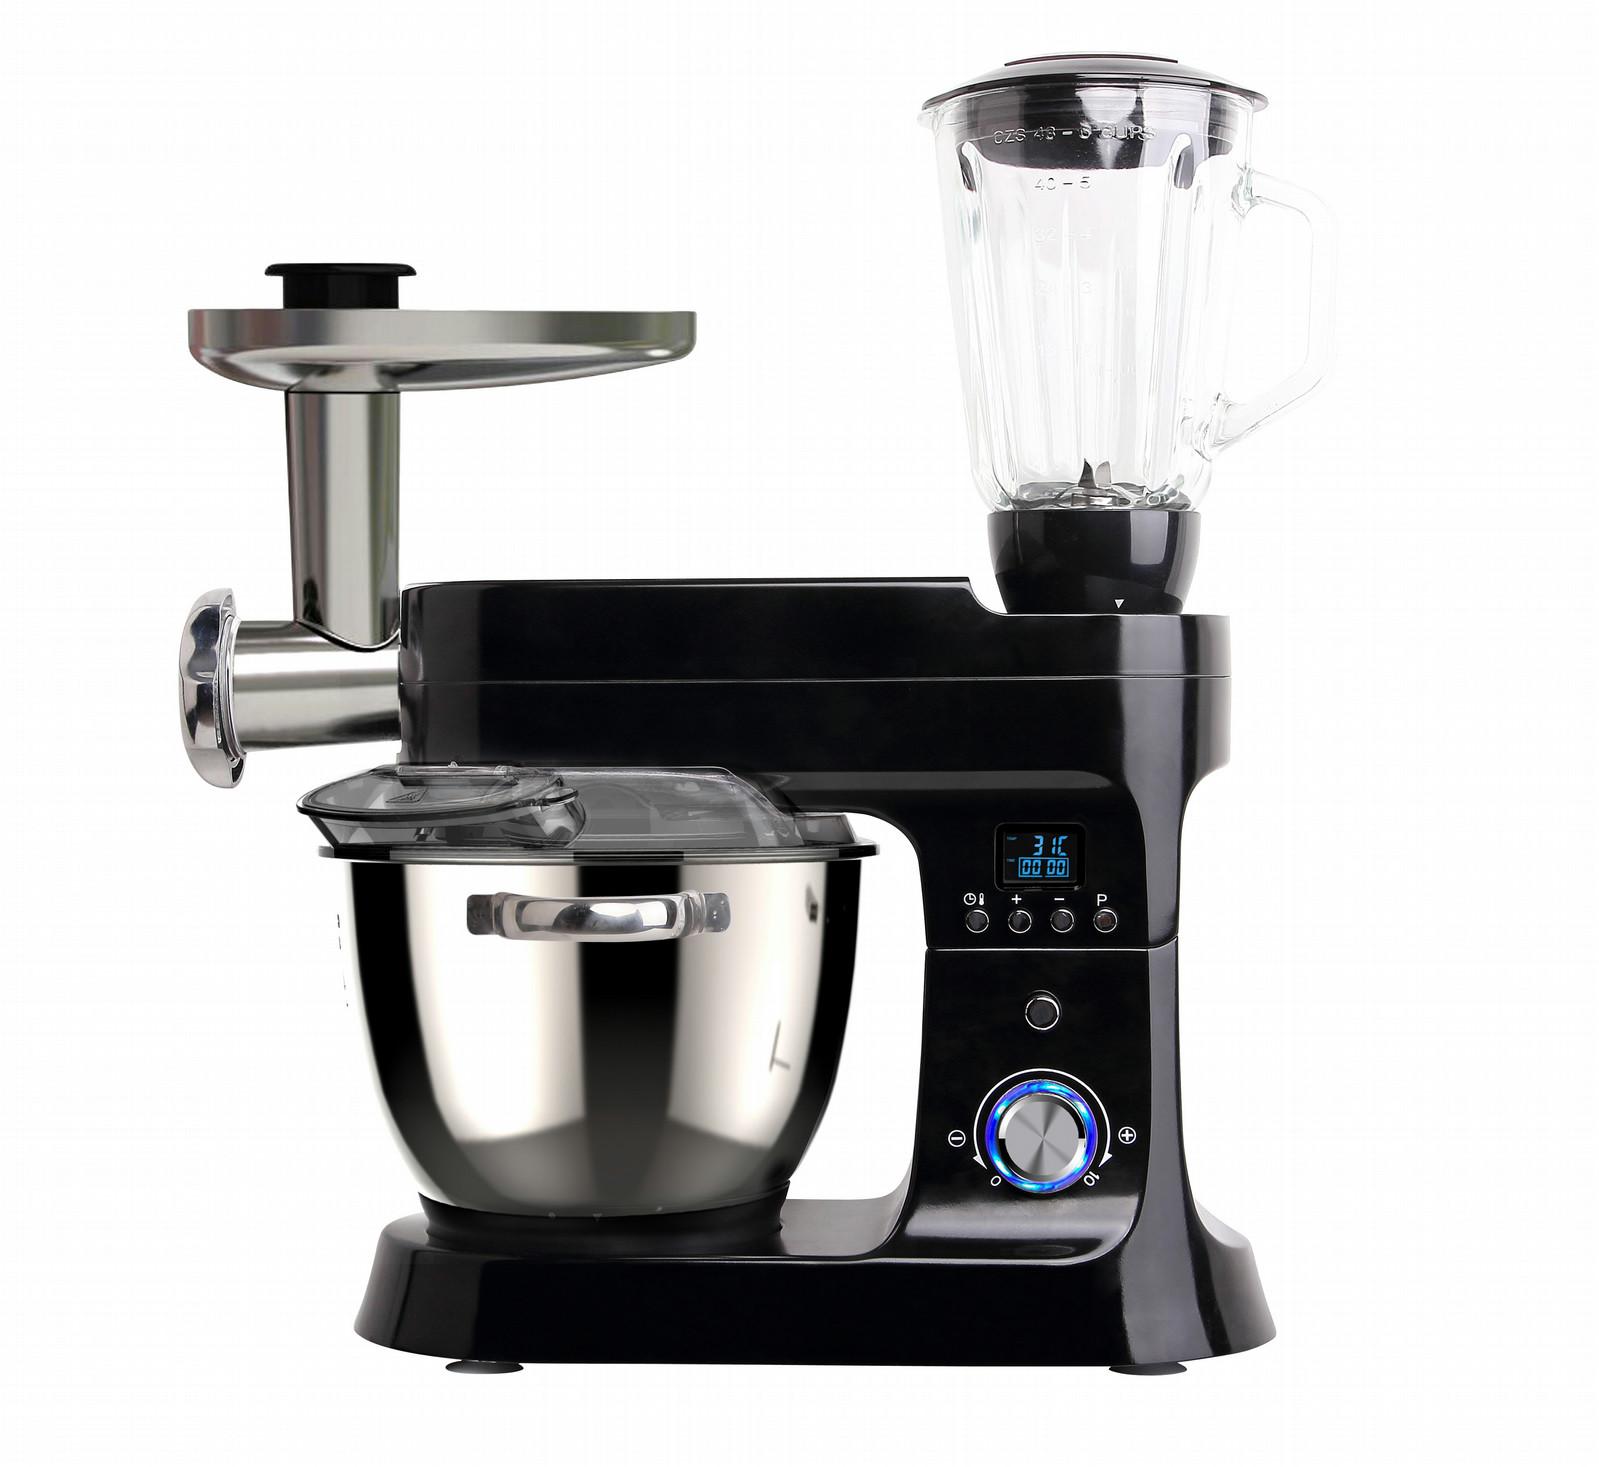 ᐈ Nova 220510 Kaufen Preis Technische Daten